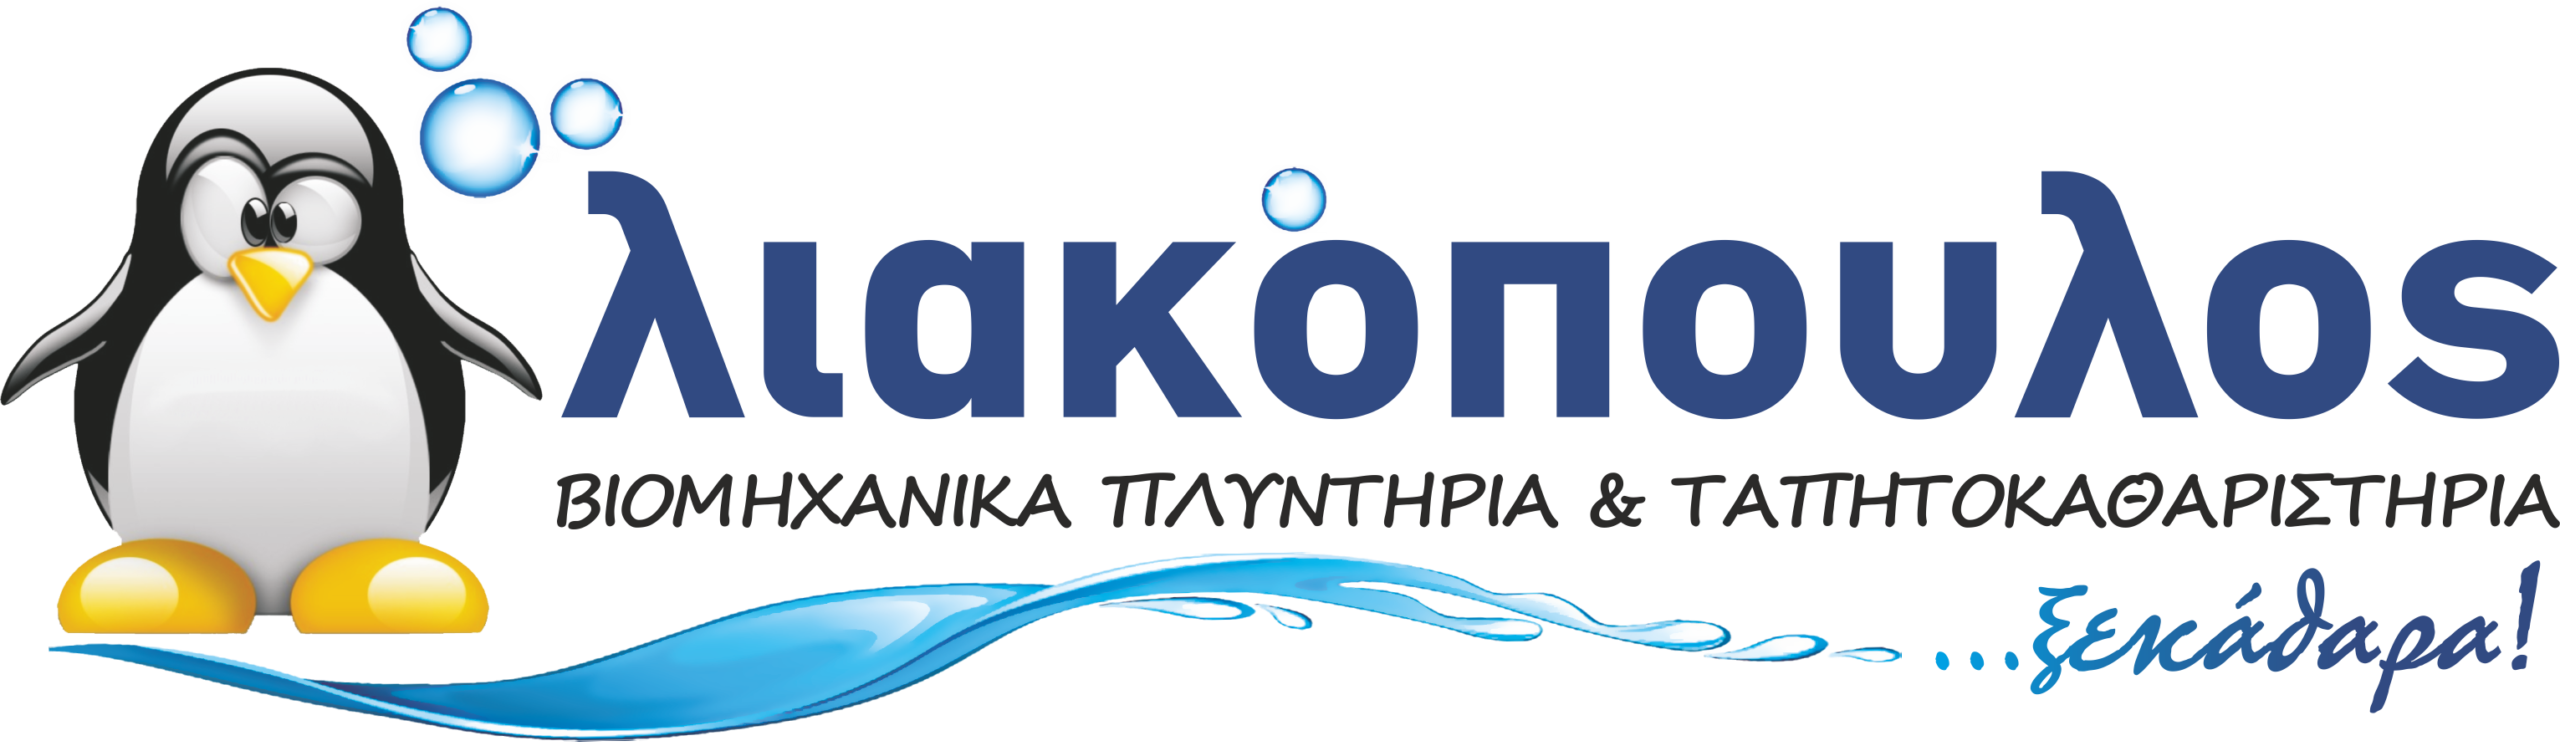 Λιακόπουλος